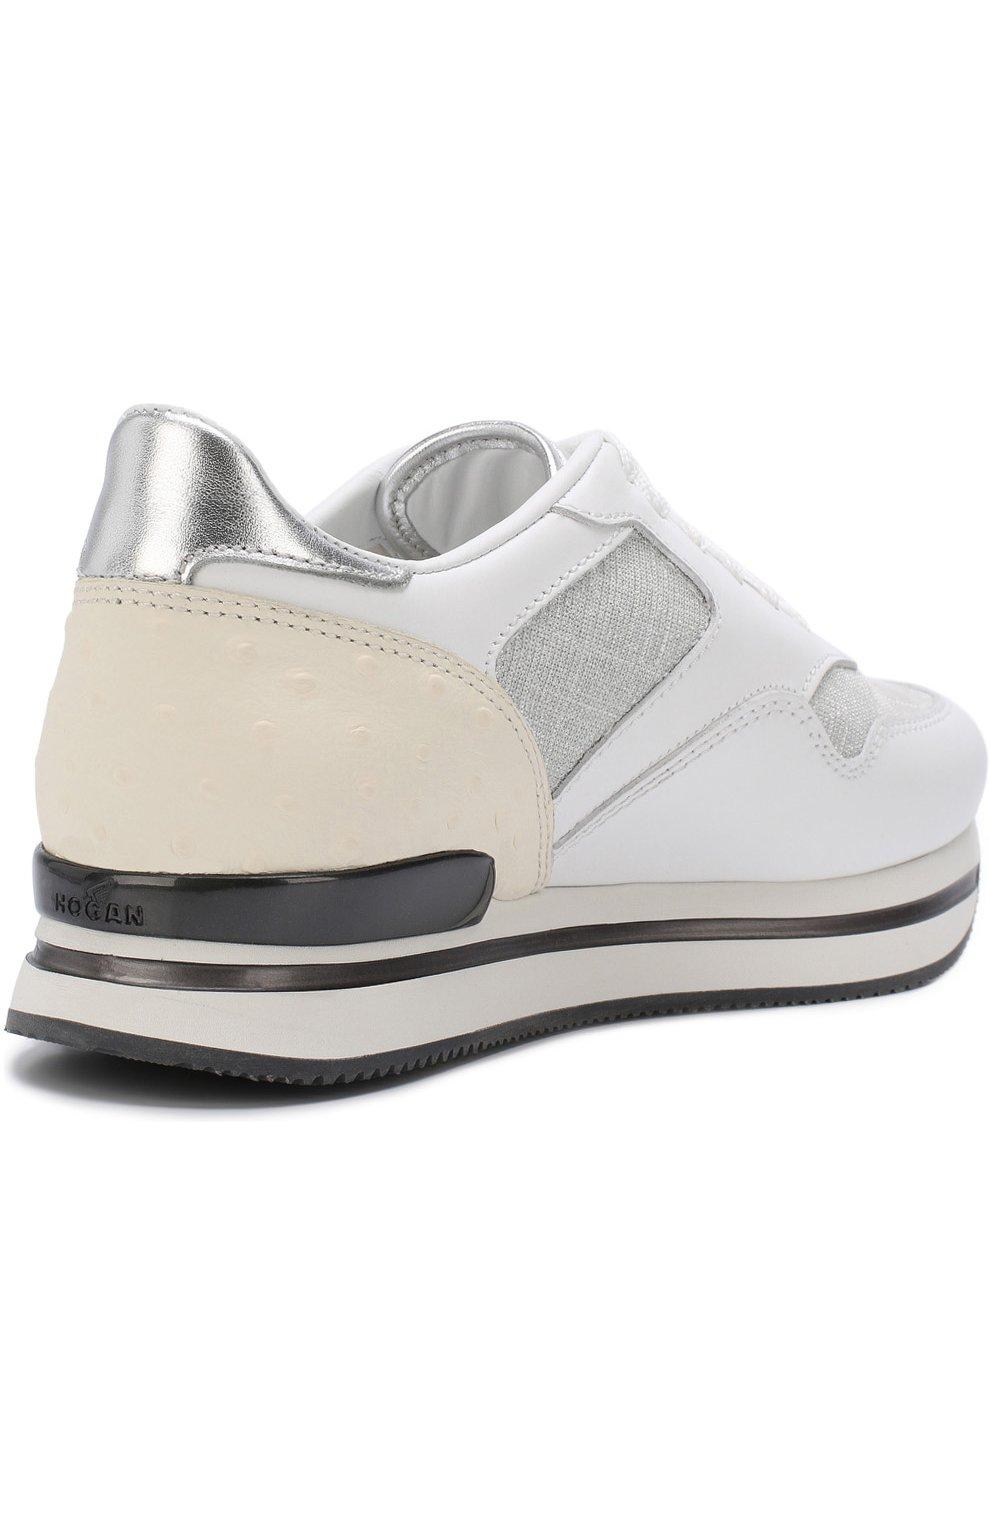 Комбинированные кроссовки на шнуровке Hogan белые | Фото №4